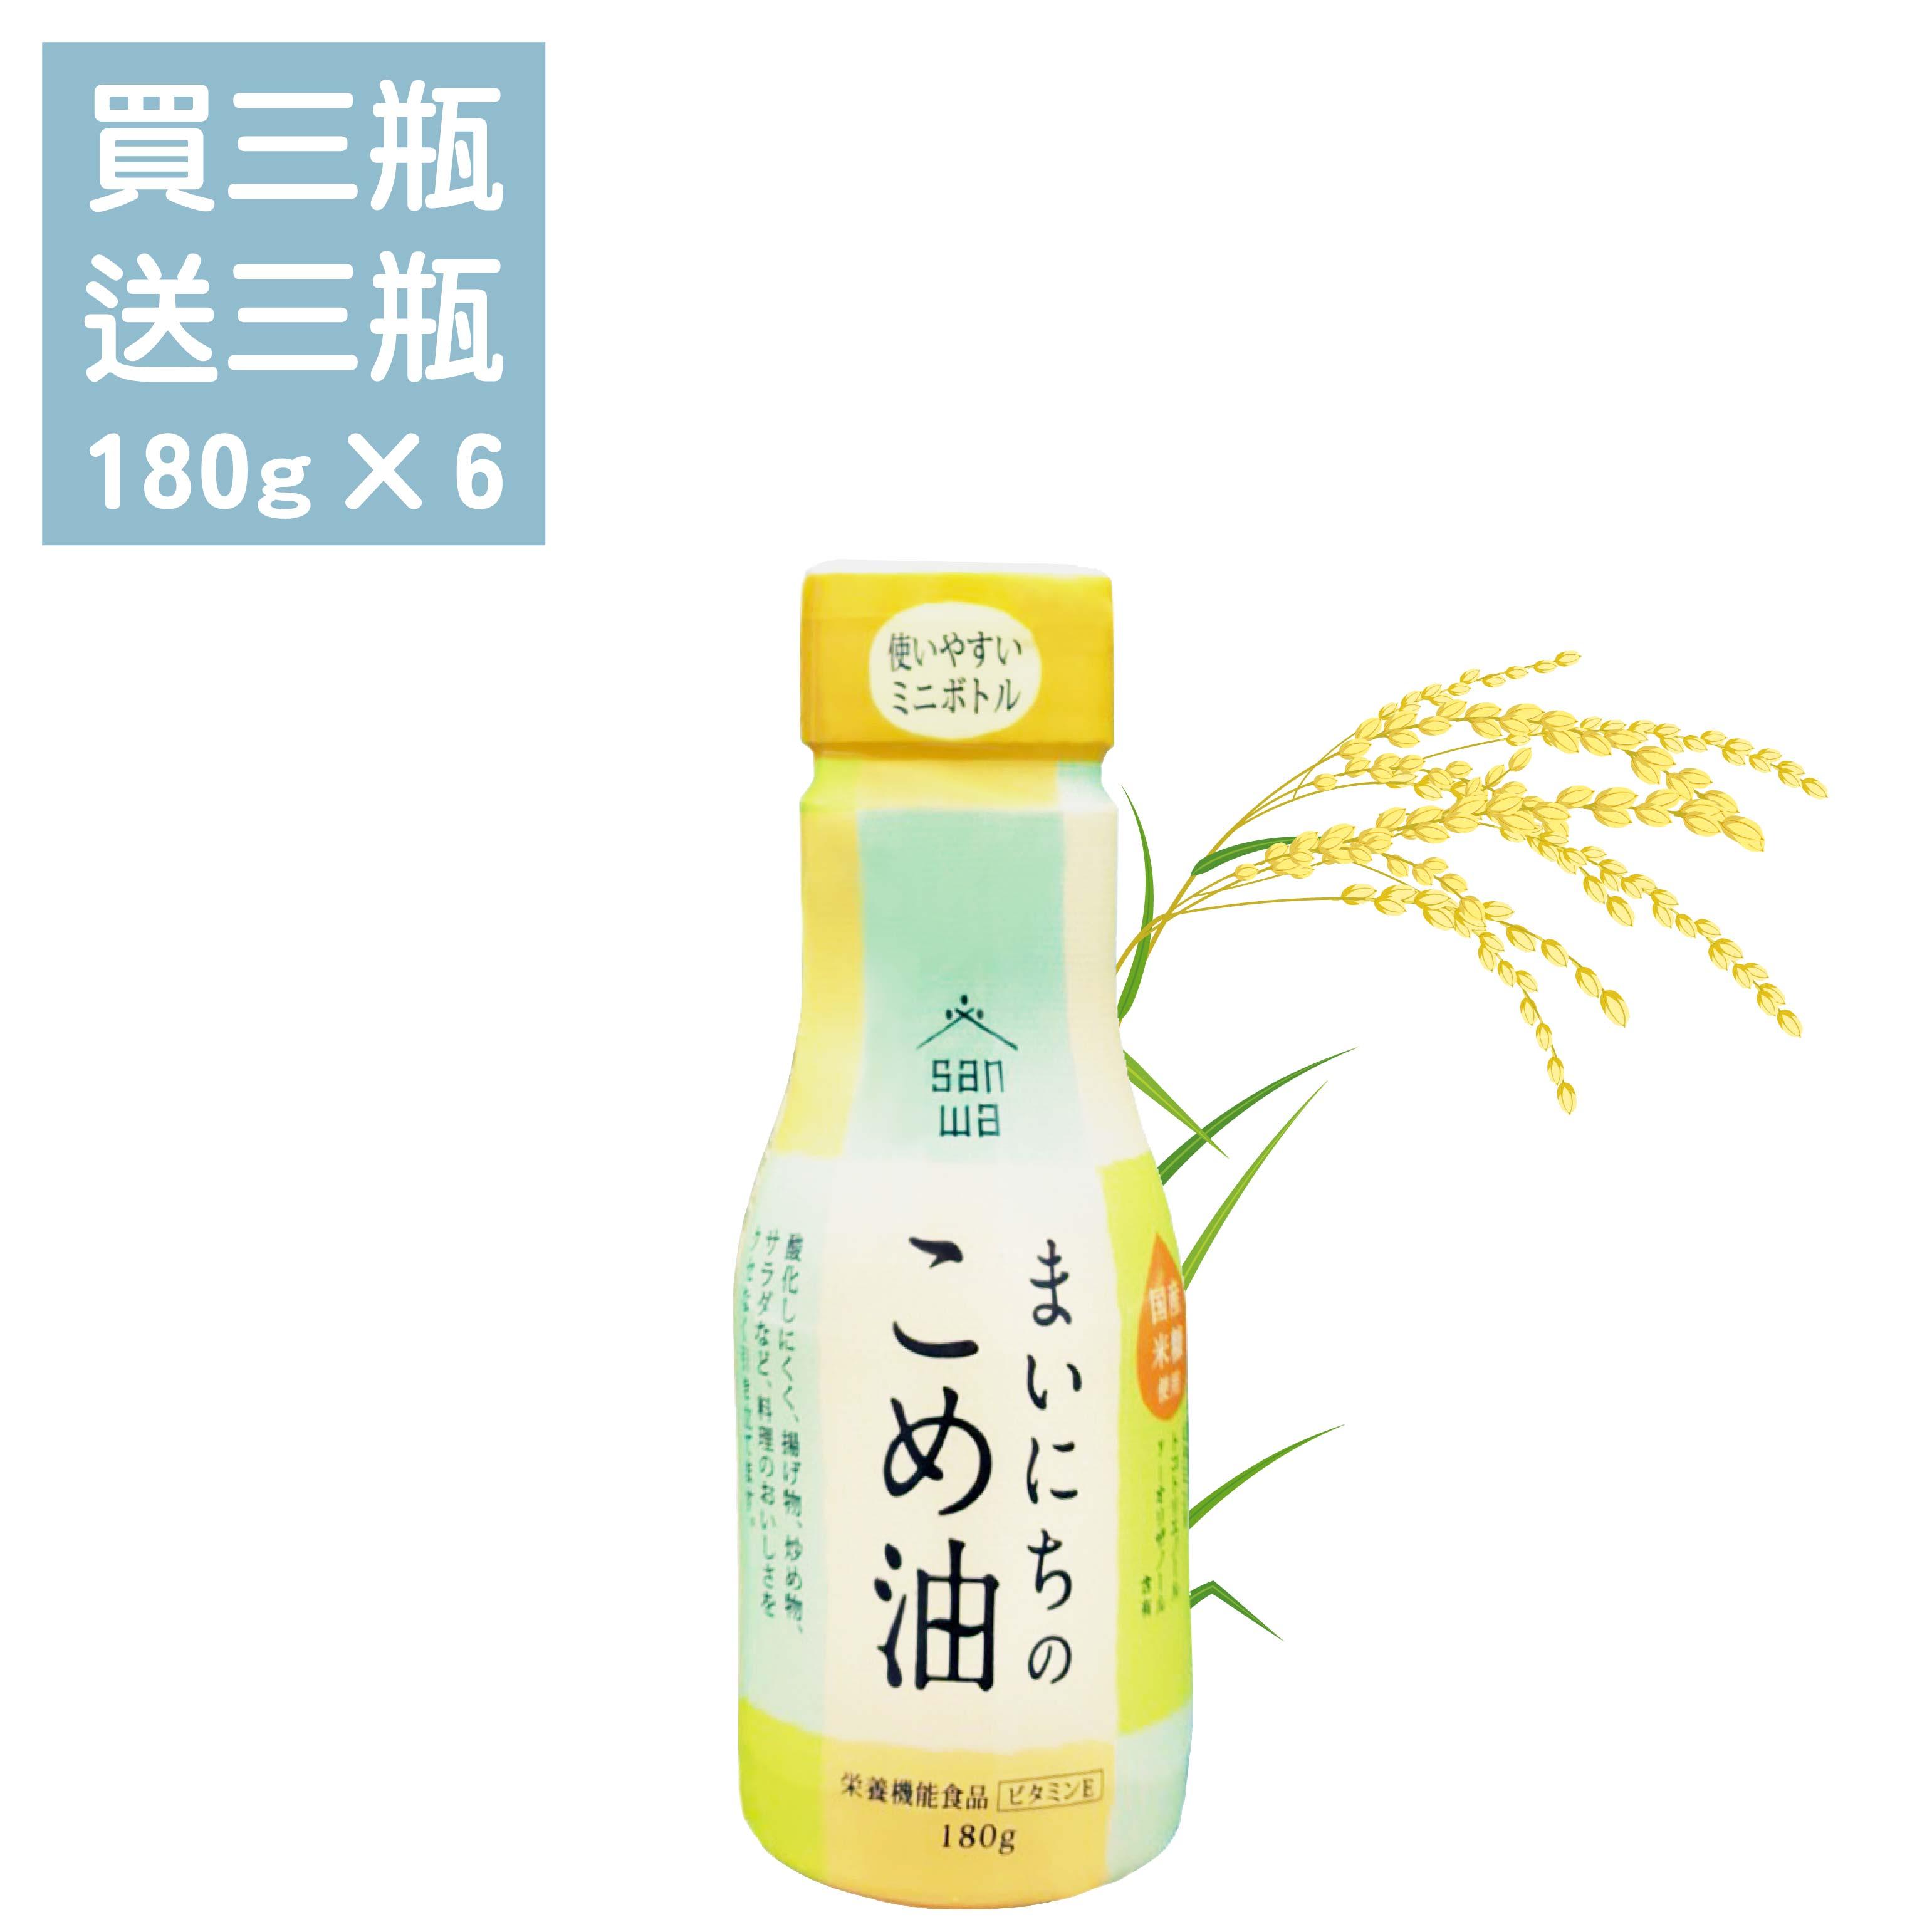 【森活館】買三送三 日本NO.1三和玄米油180g 6瓶入(即期品)